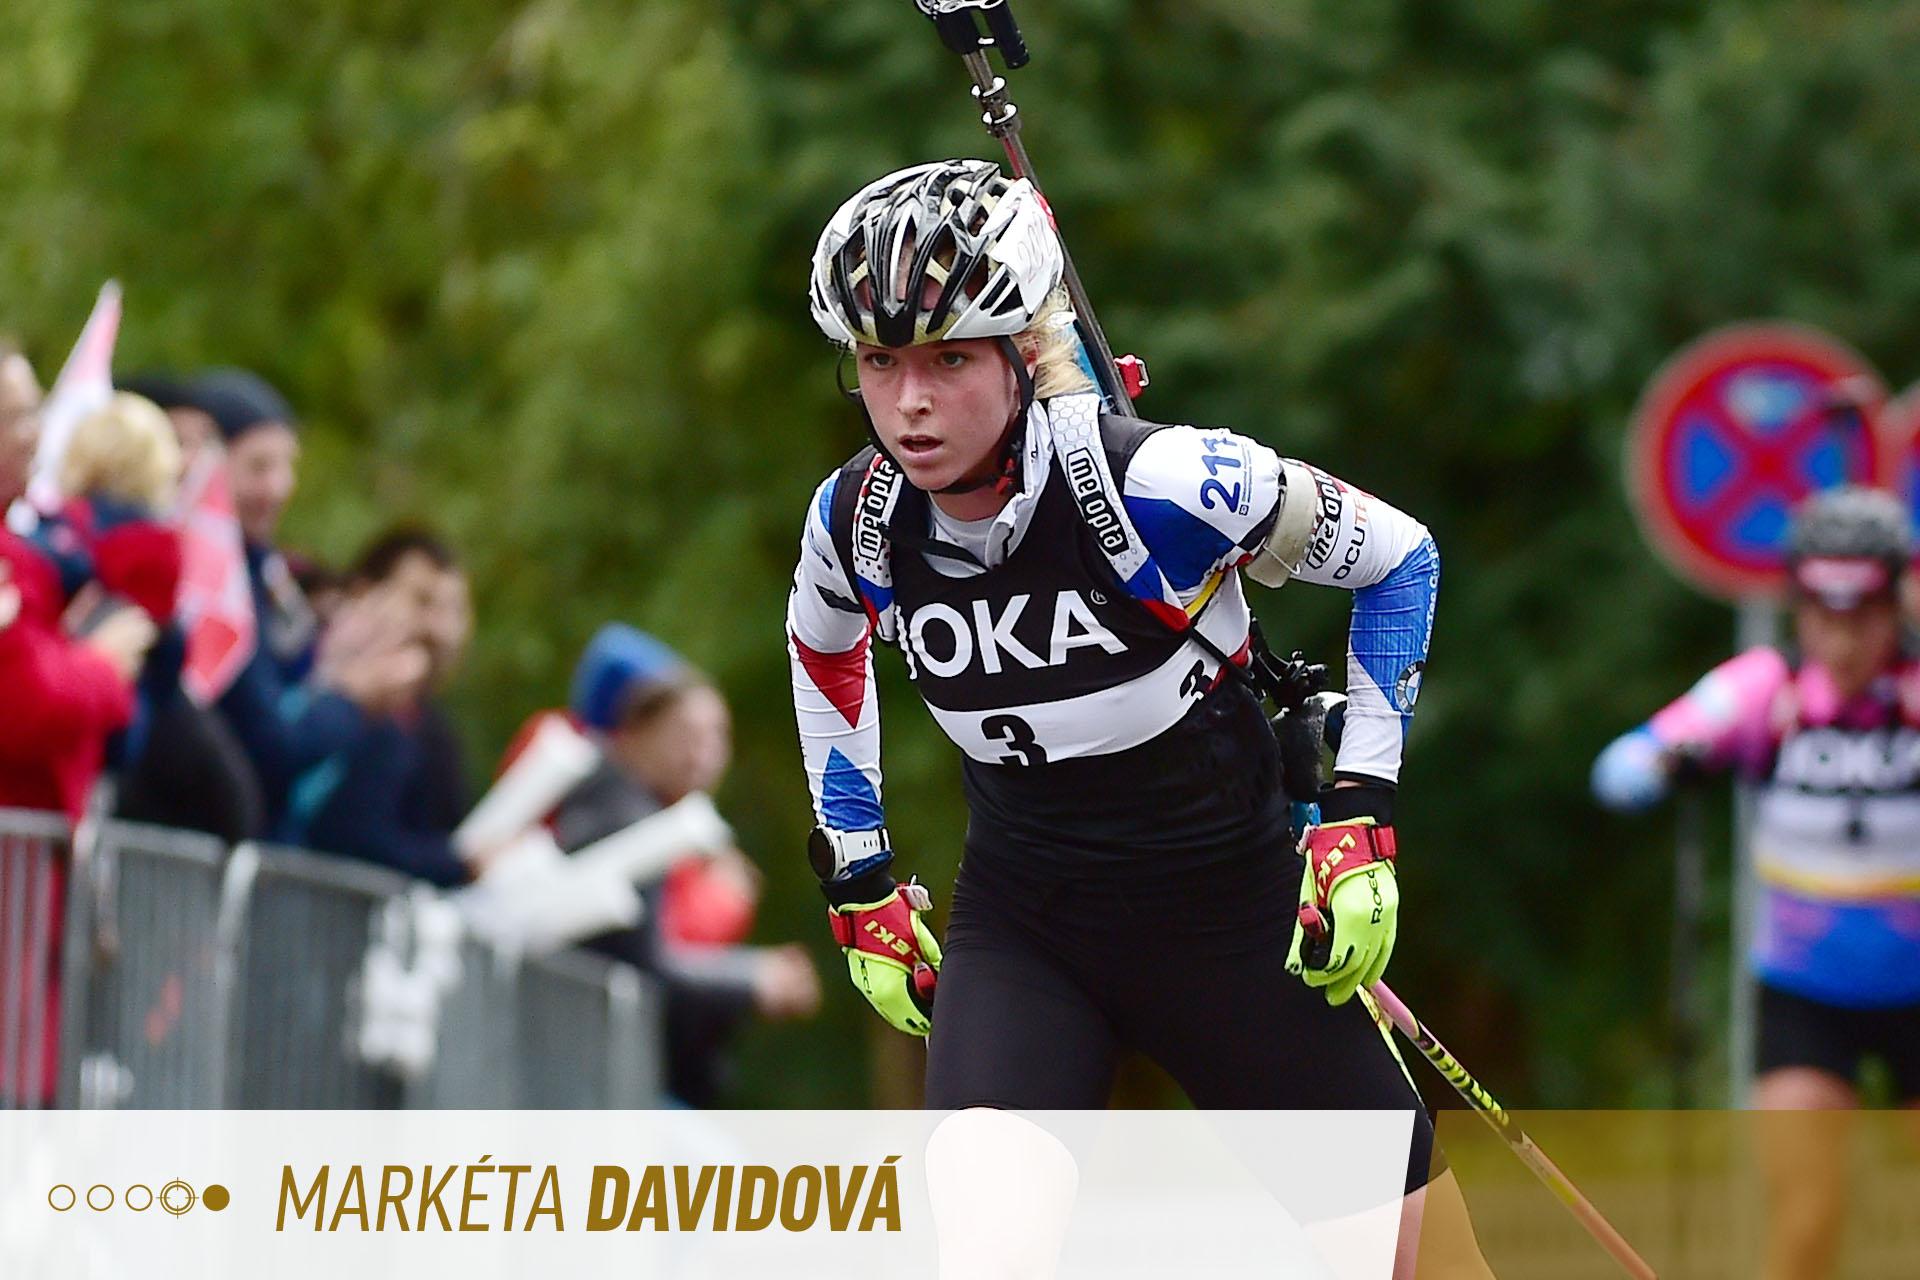 Athleten_MarketaDavidova